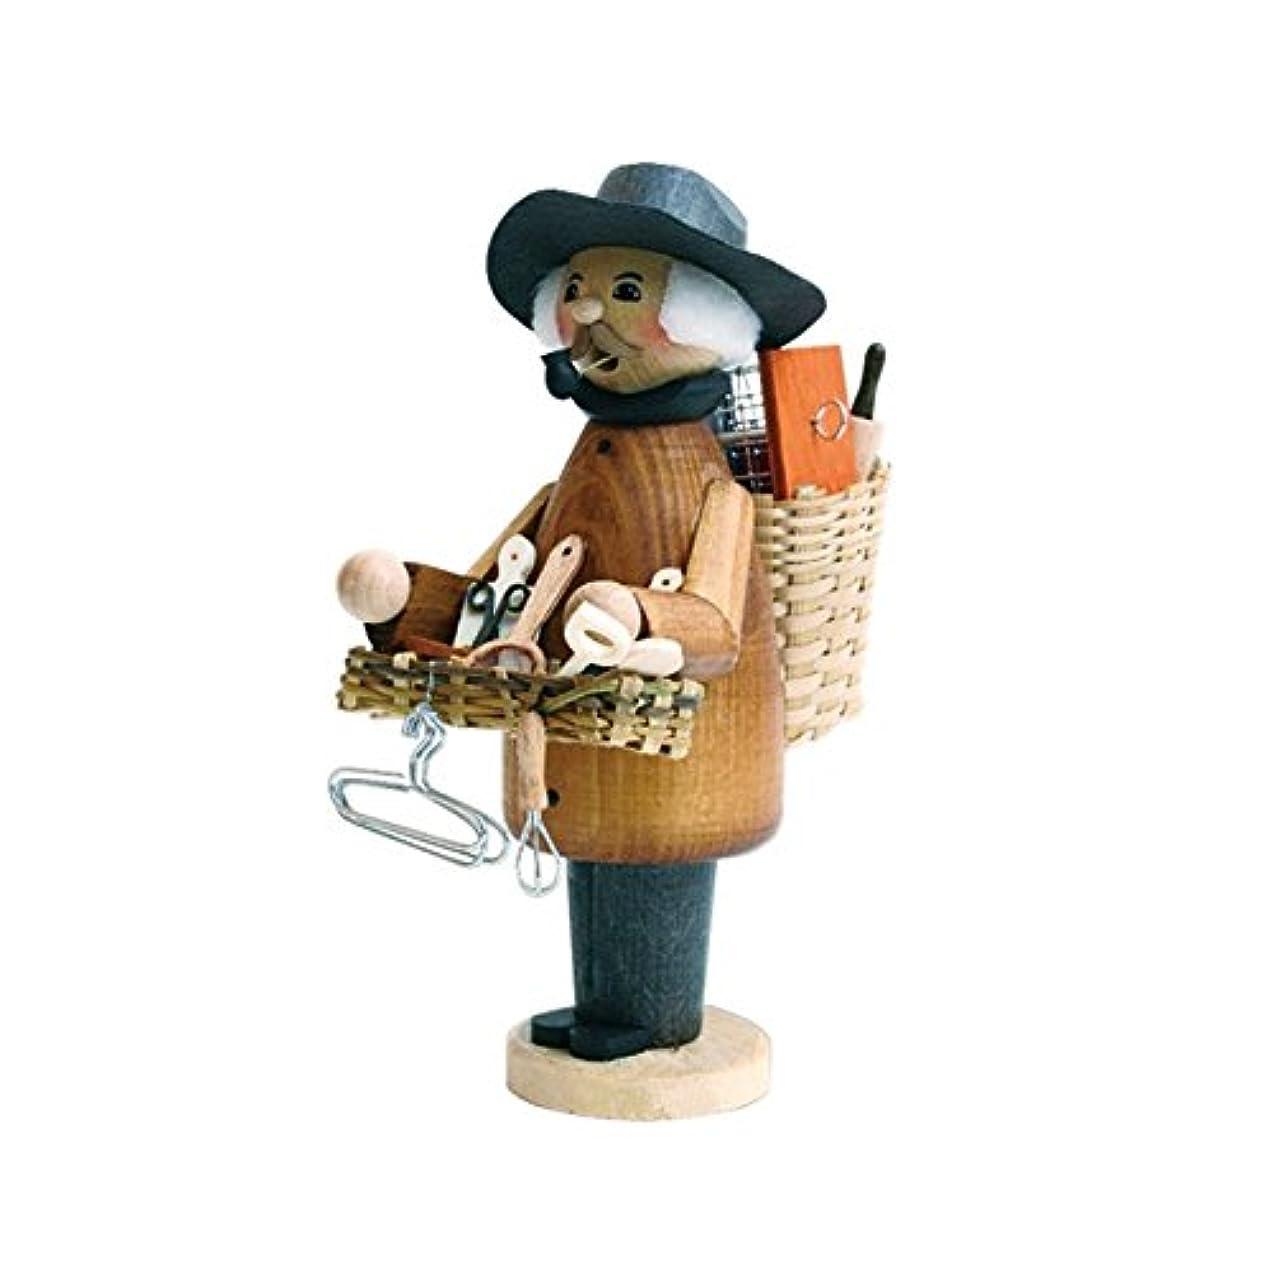 ほこりっぽいにじみ出る肥満クーネルト ミニパイプ人形香炉 道具売り